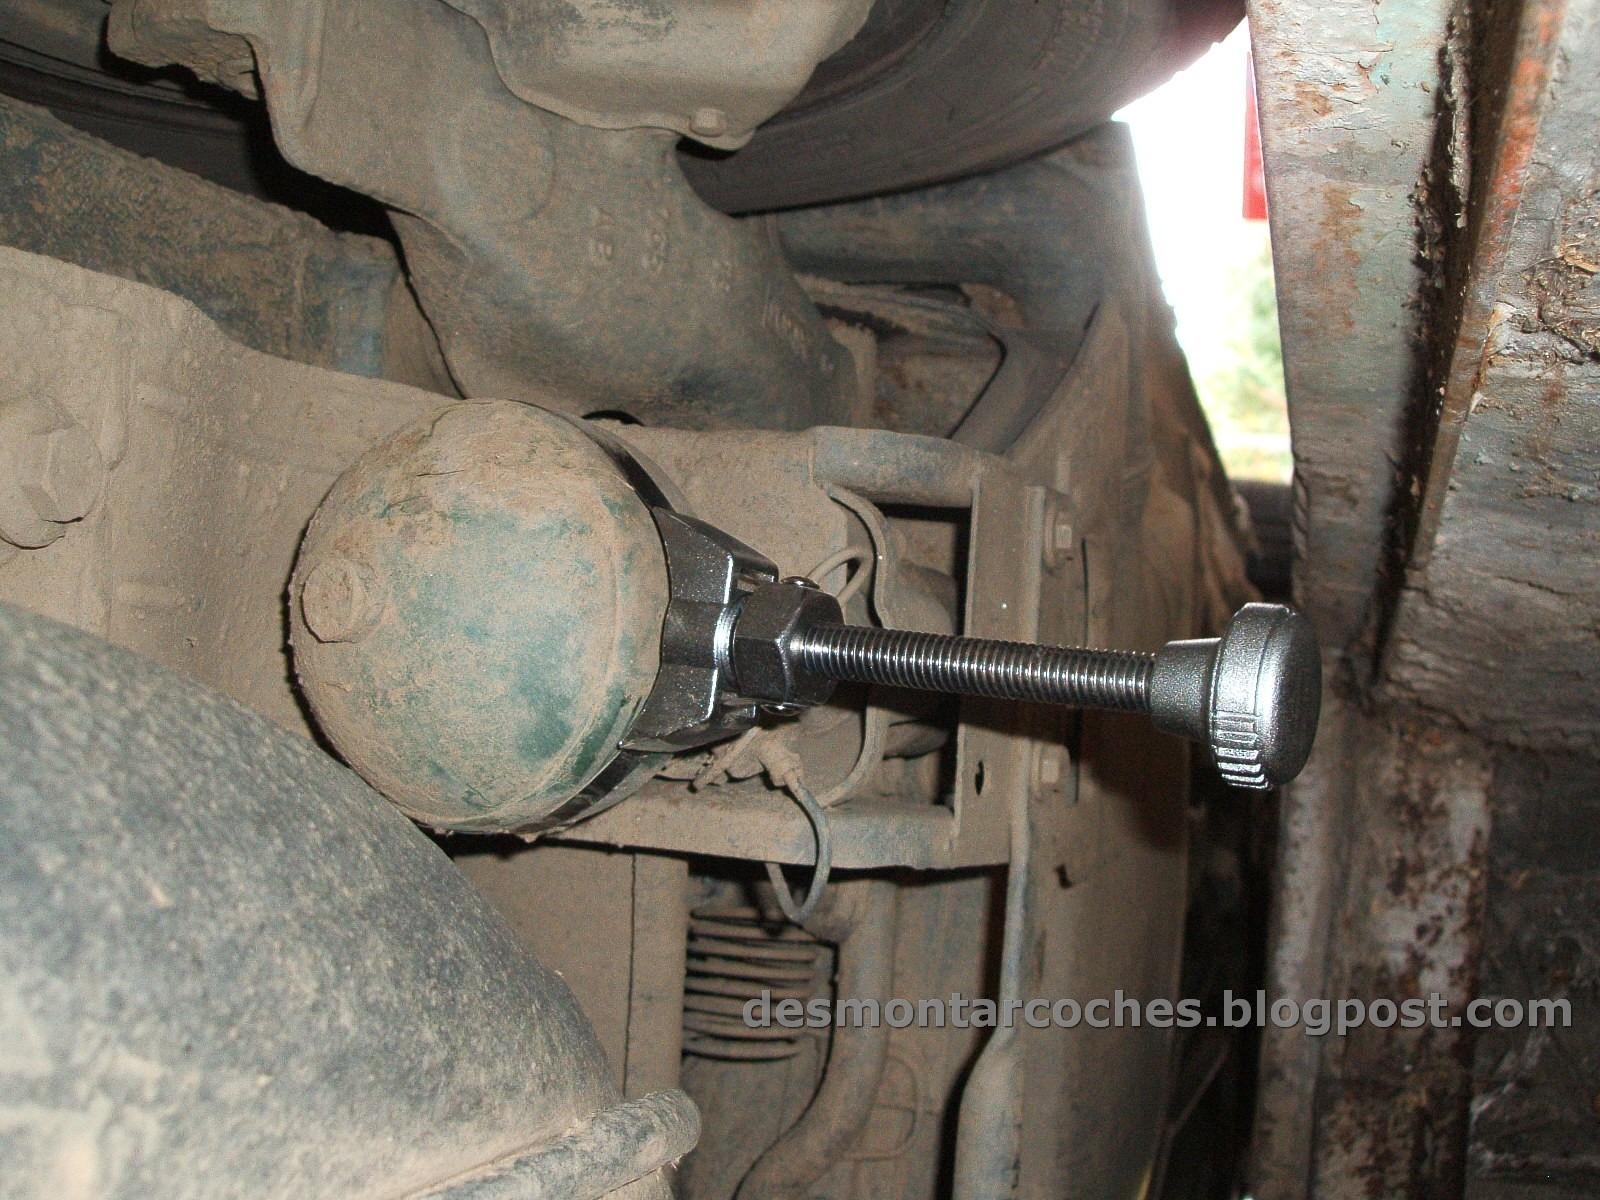 Desmontar coches como cambiar esferas de suspensi n y for Cambiar llave radiador